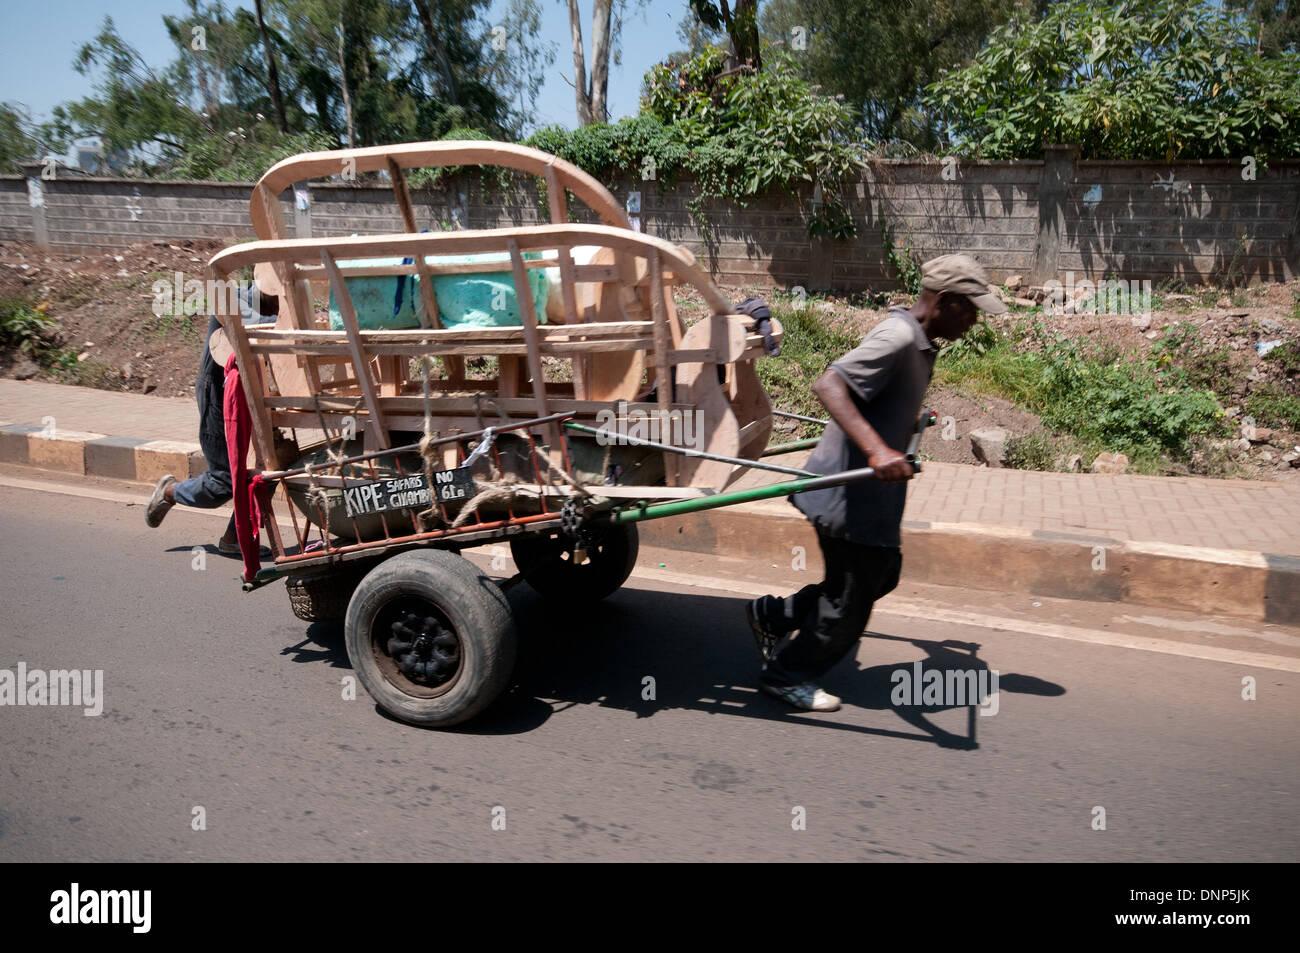 Männer kämpfen mit schwer beladenen Wagen mit Möbeln auf Wald Nairobi Kenia NAIROBI Kenia TROLLEY CART Straßenverkehr Stockbild